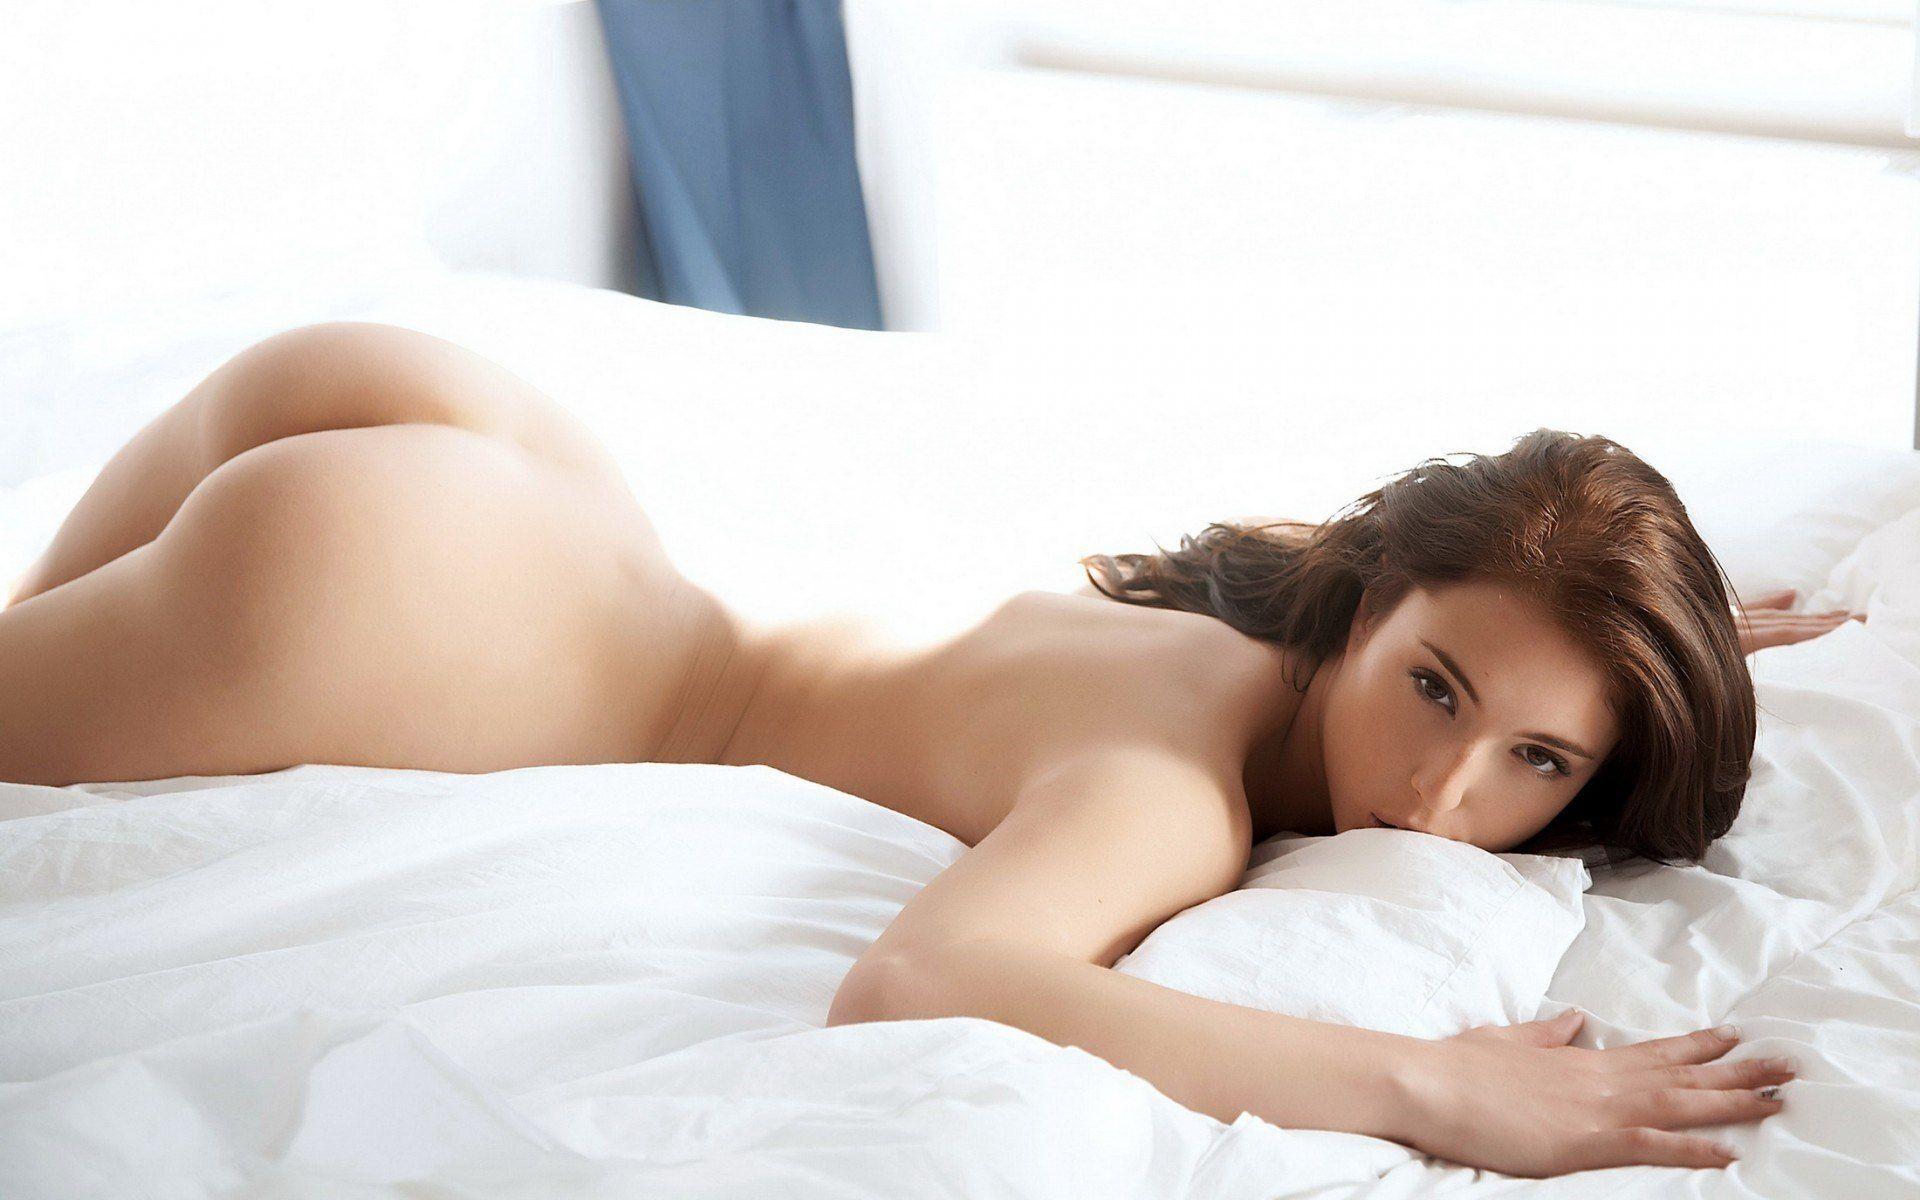 nice tits mas